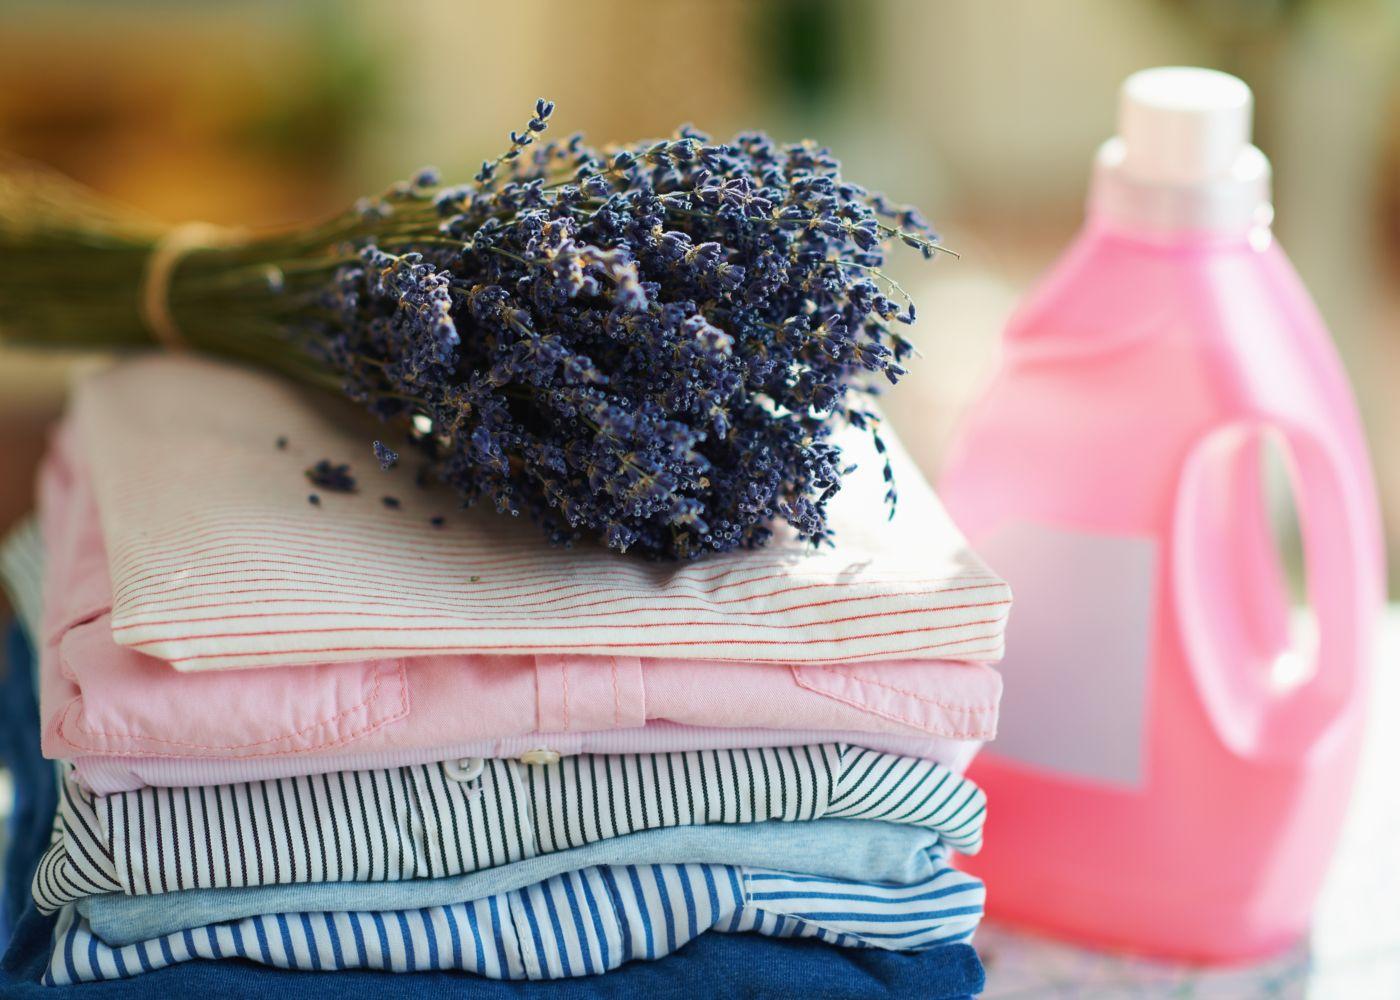 roupa delicada dobrada com ramo de alfazema em cima e detergente ao lado